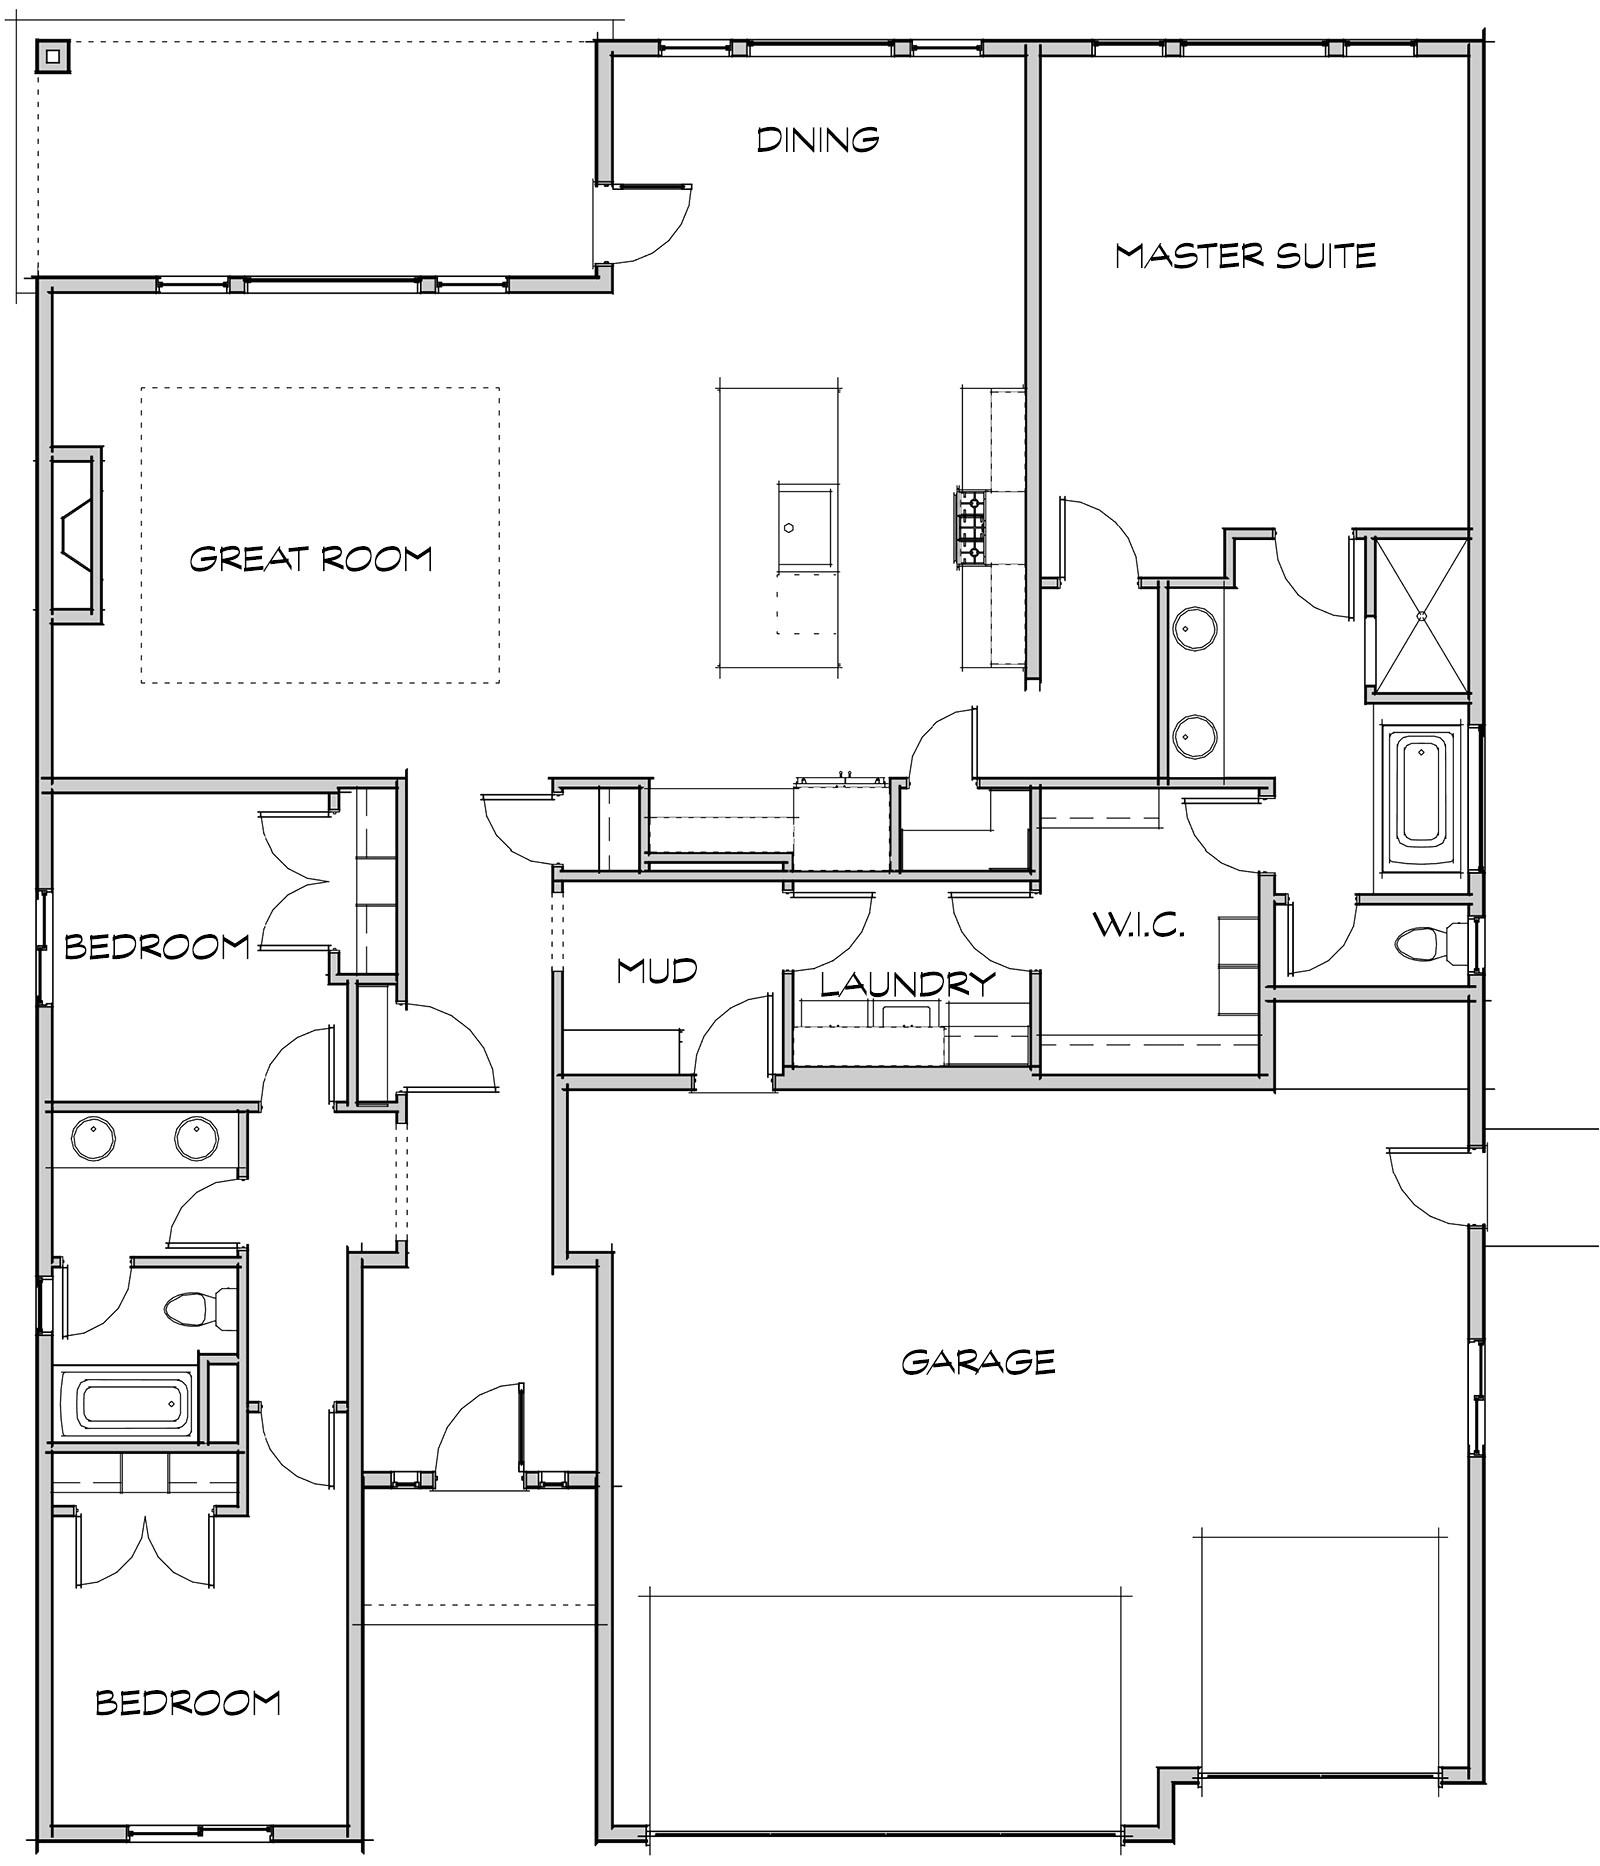 old ryland home floor plans